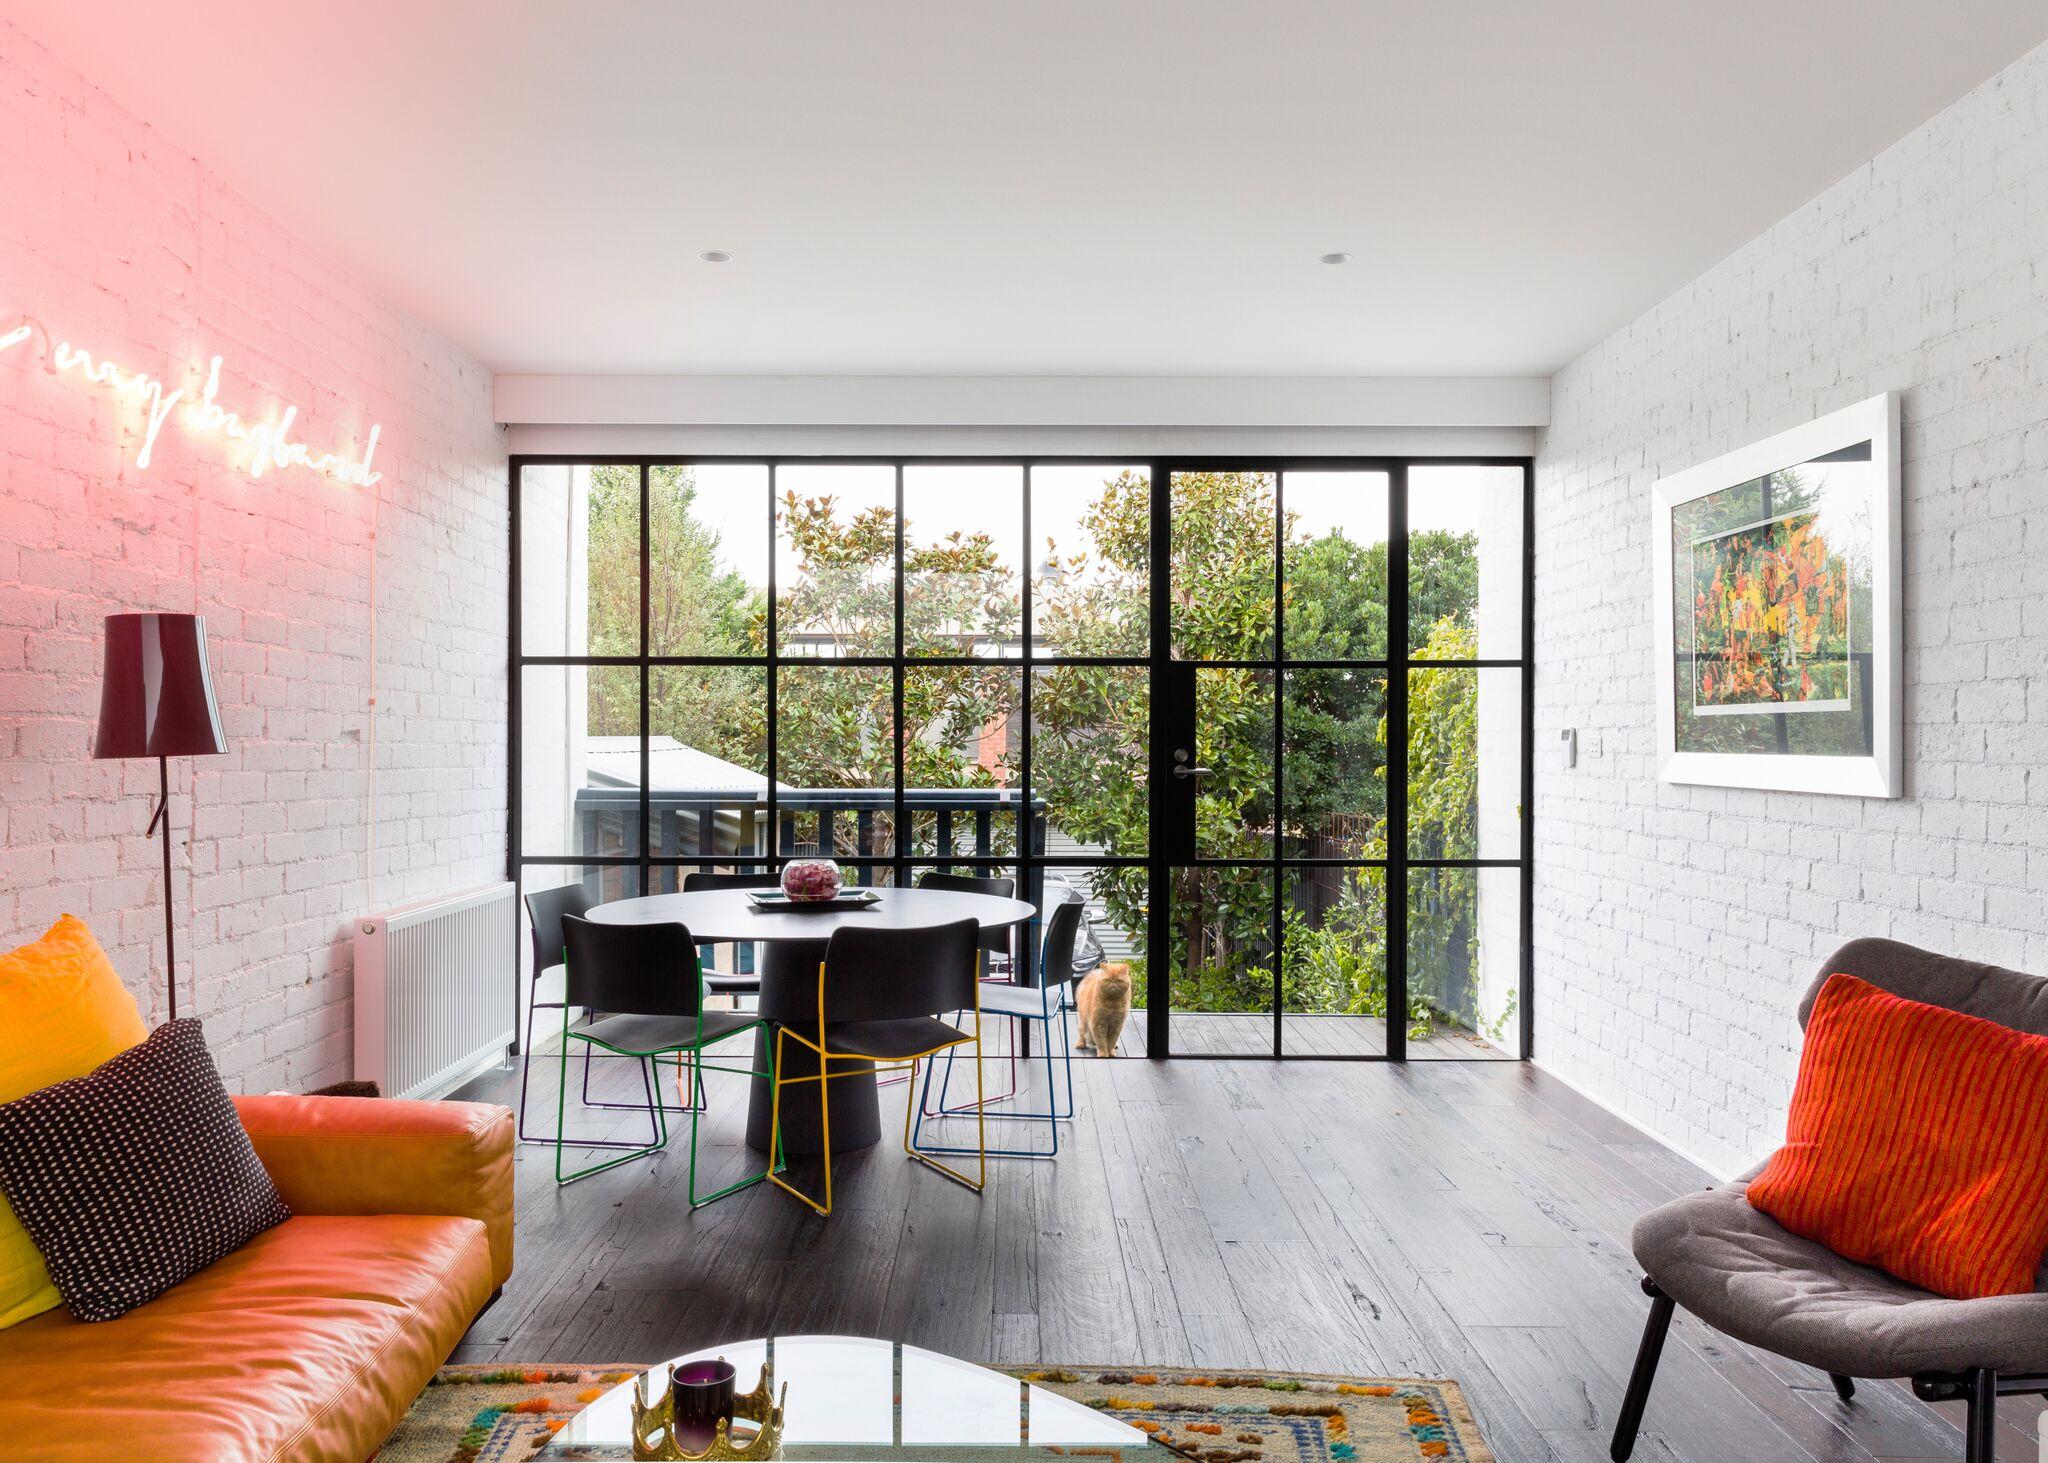 Fitzroy House - Sashimi Studio - Interior Design Archive - The Local Project